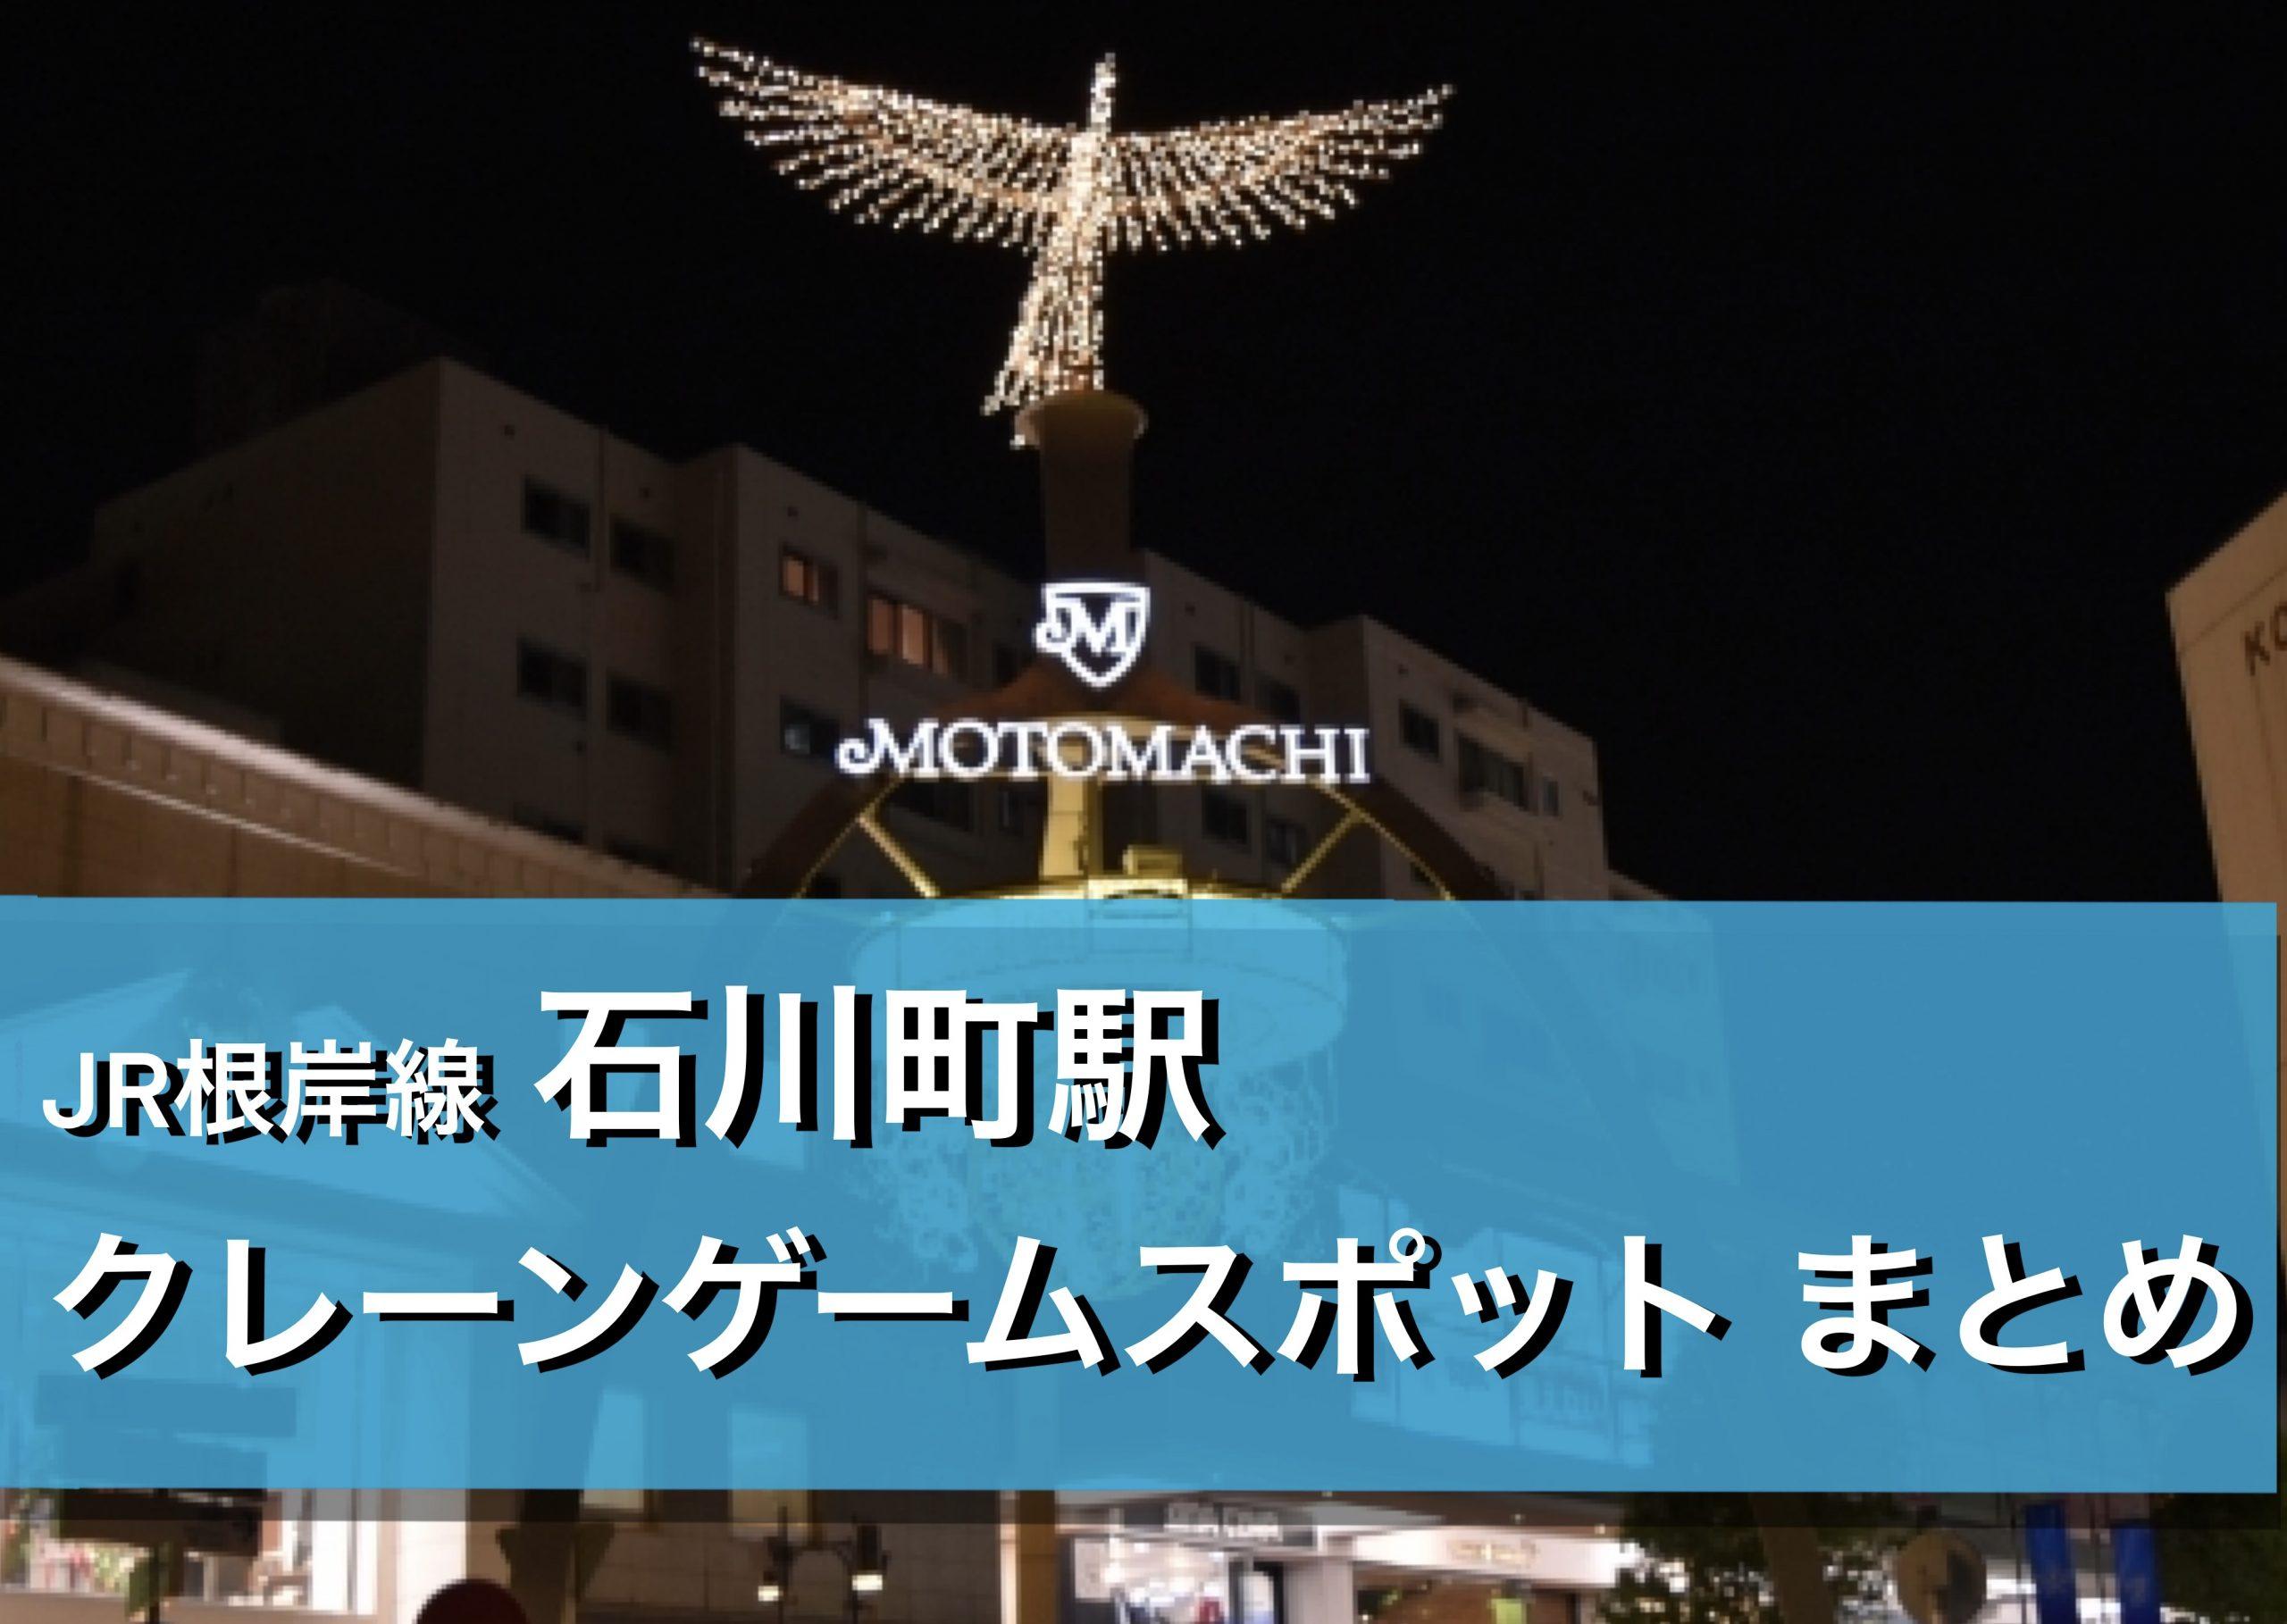 【石川町(元町・中華街)駅】クレーンゲームができる場所